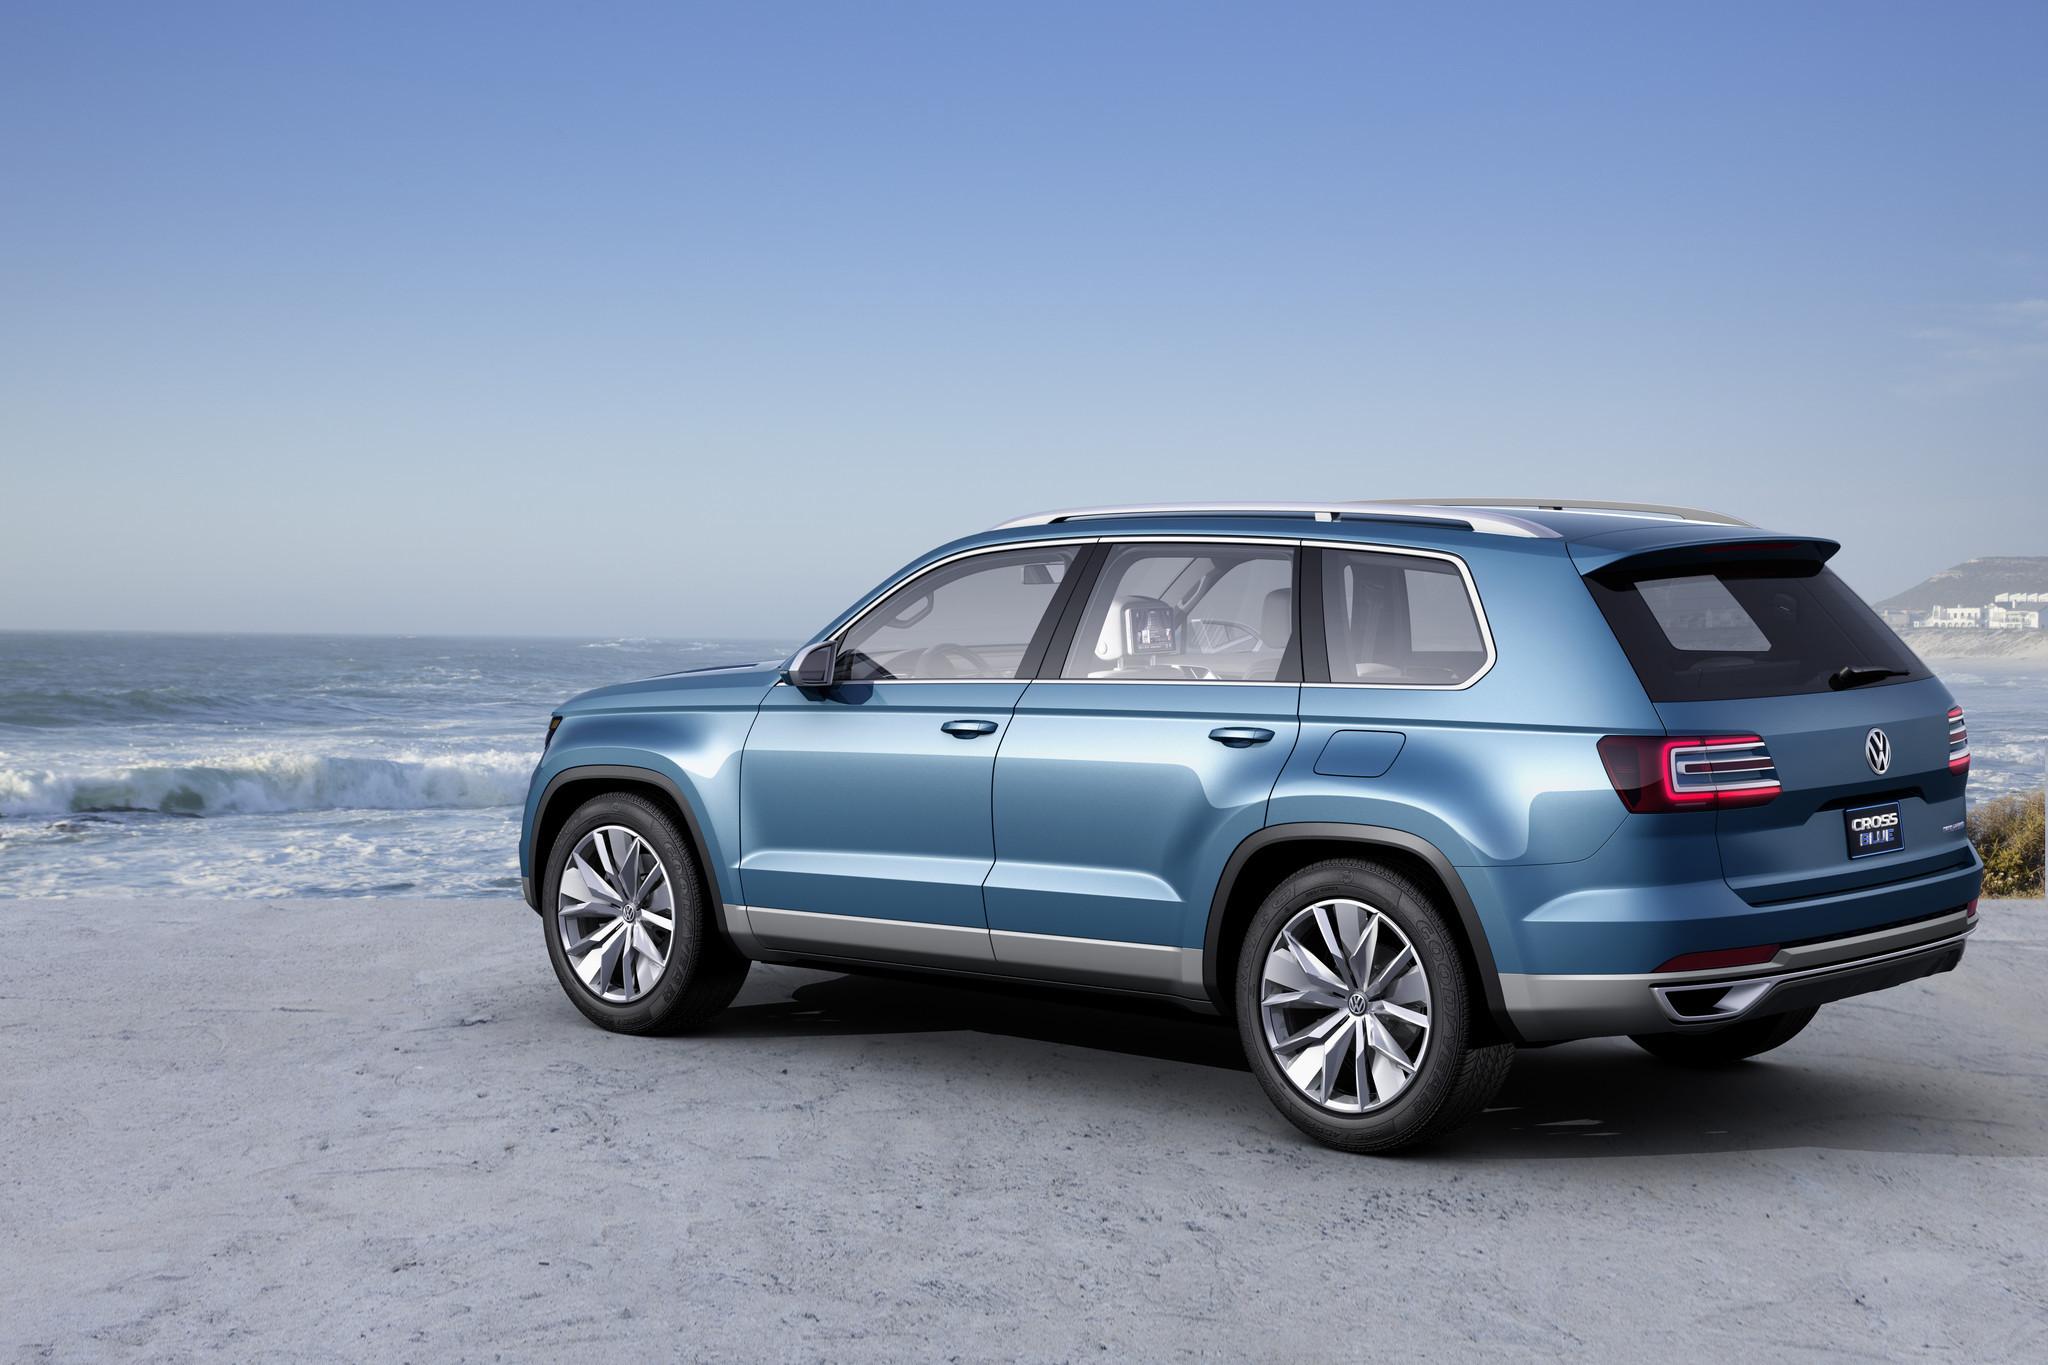 Volkswagen CrossBlue Concept SUV - Baltimore Sun